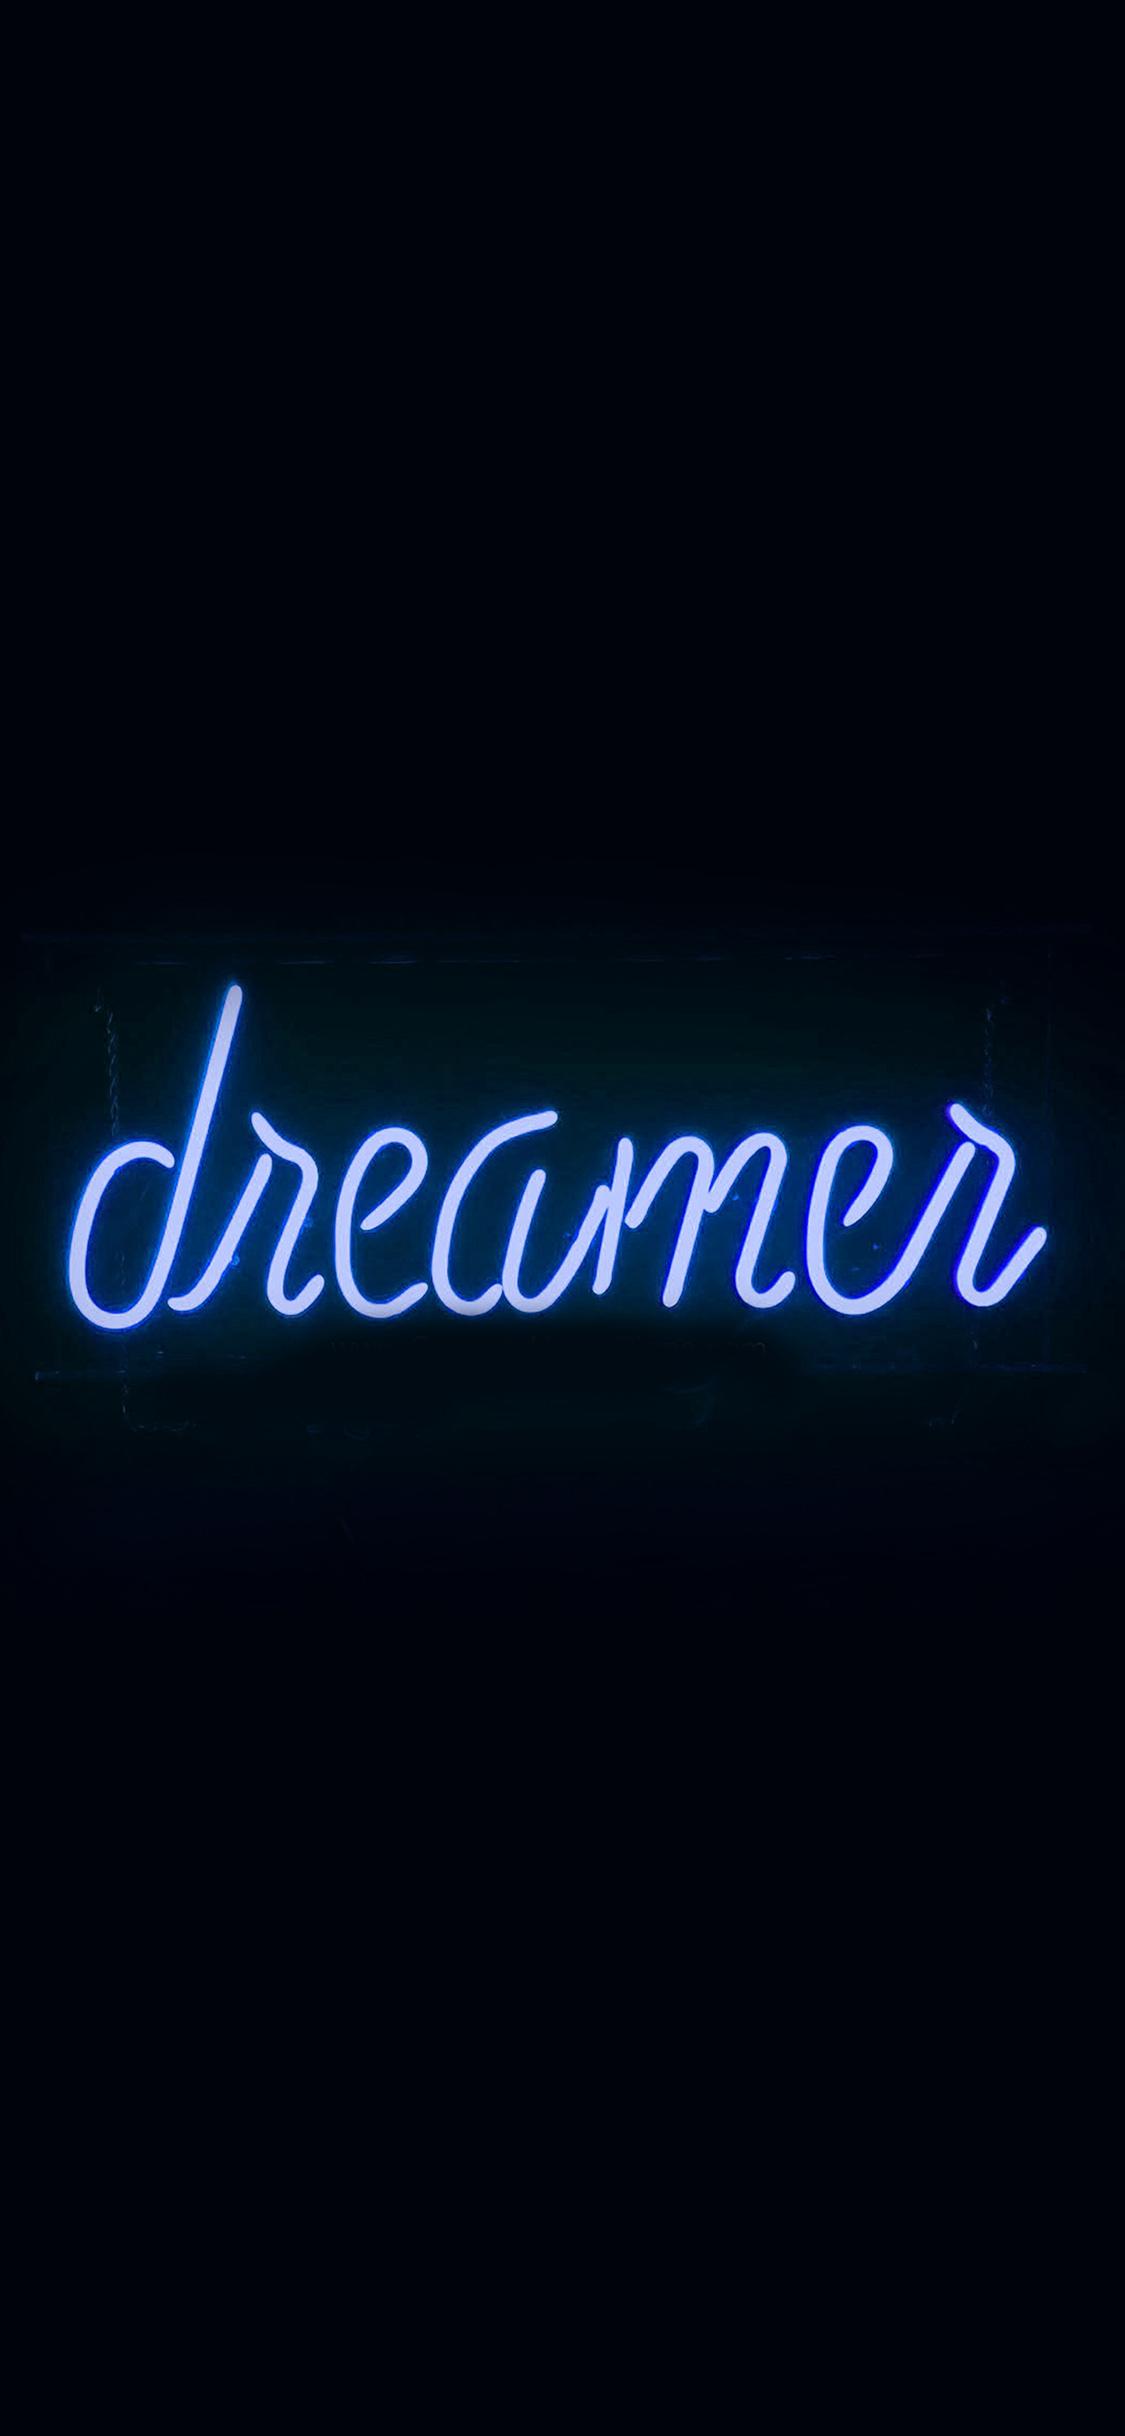 ay57-dreamers-neon-sign-dark-illustration-art-blue